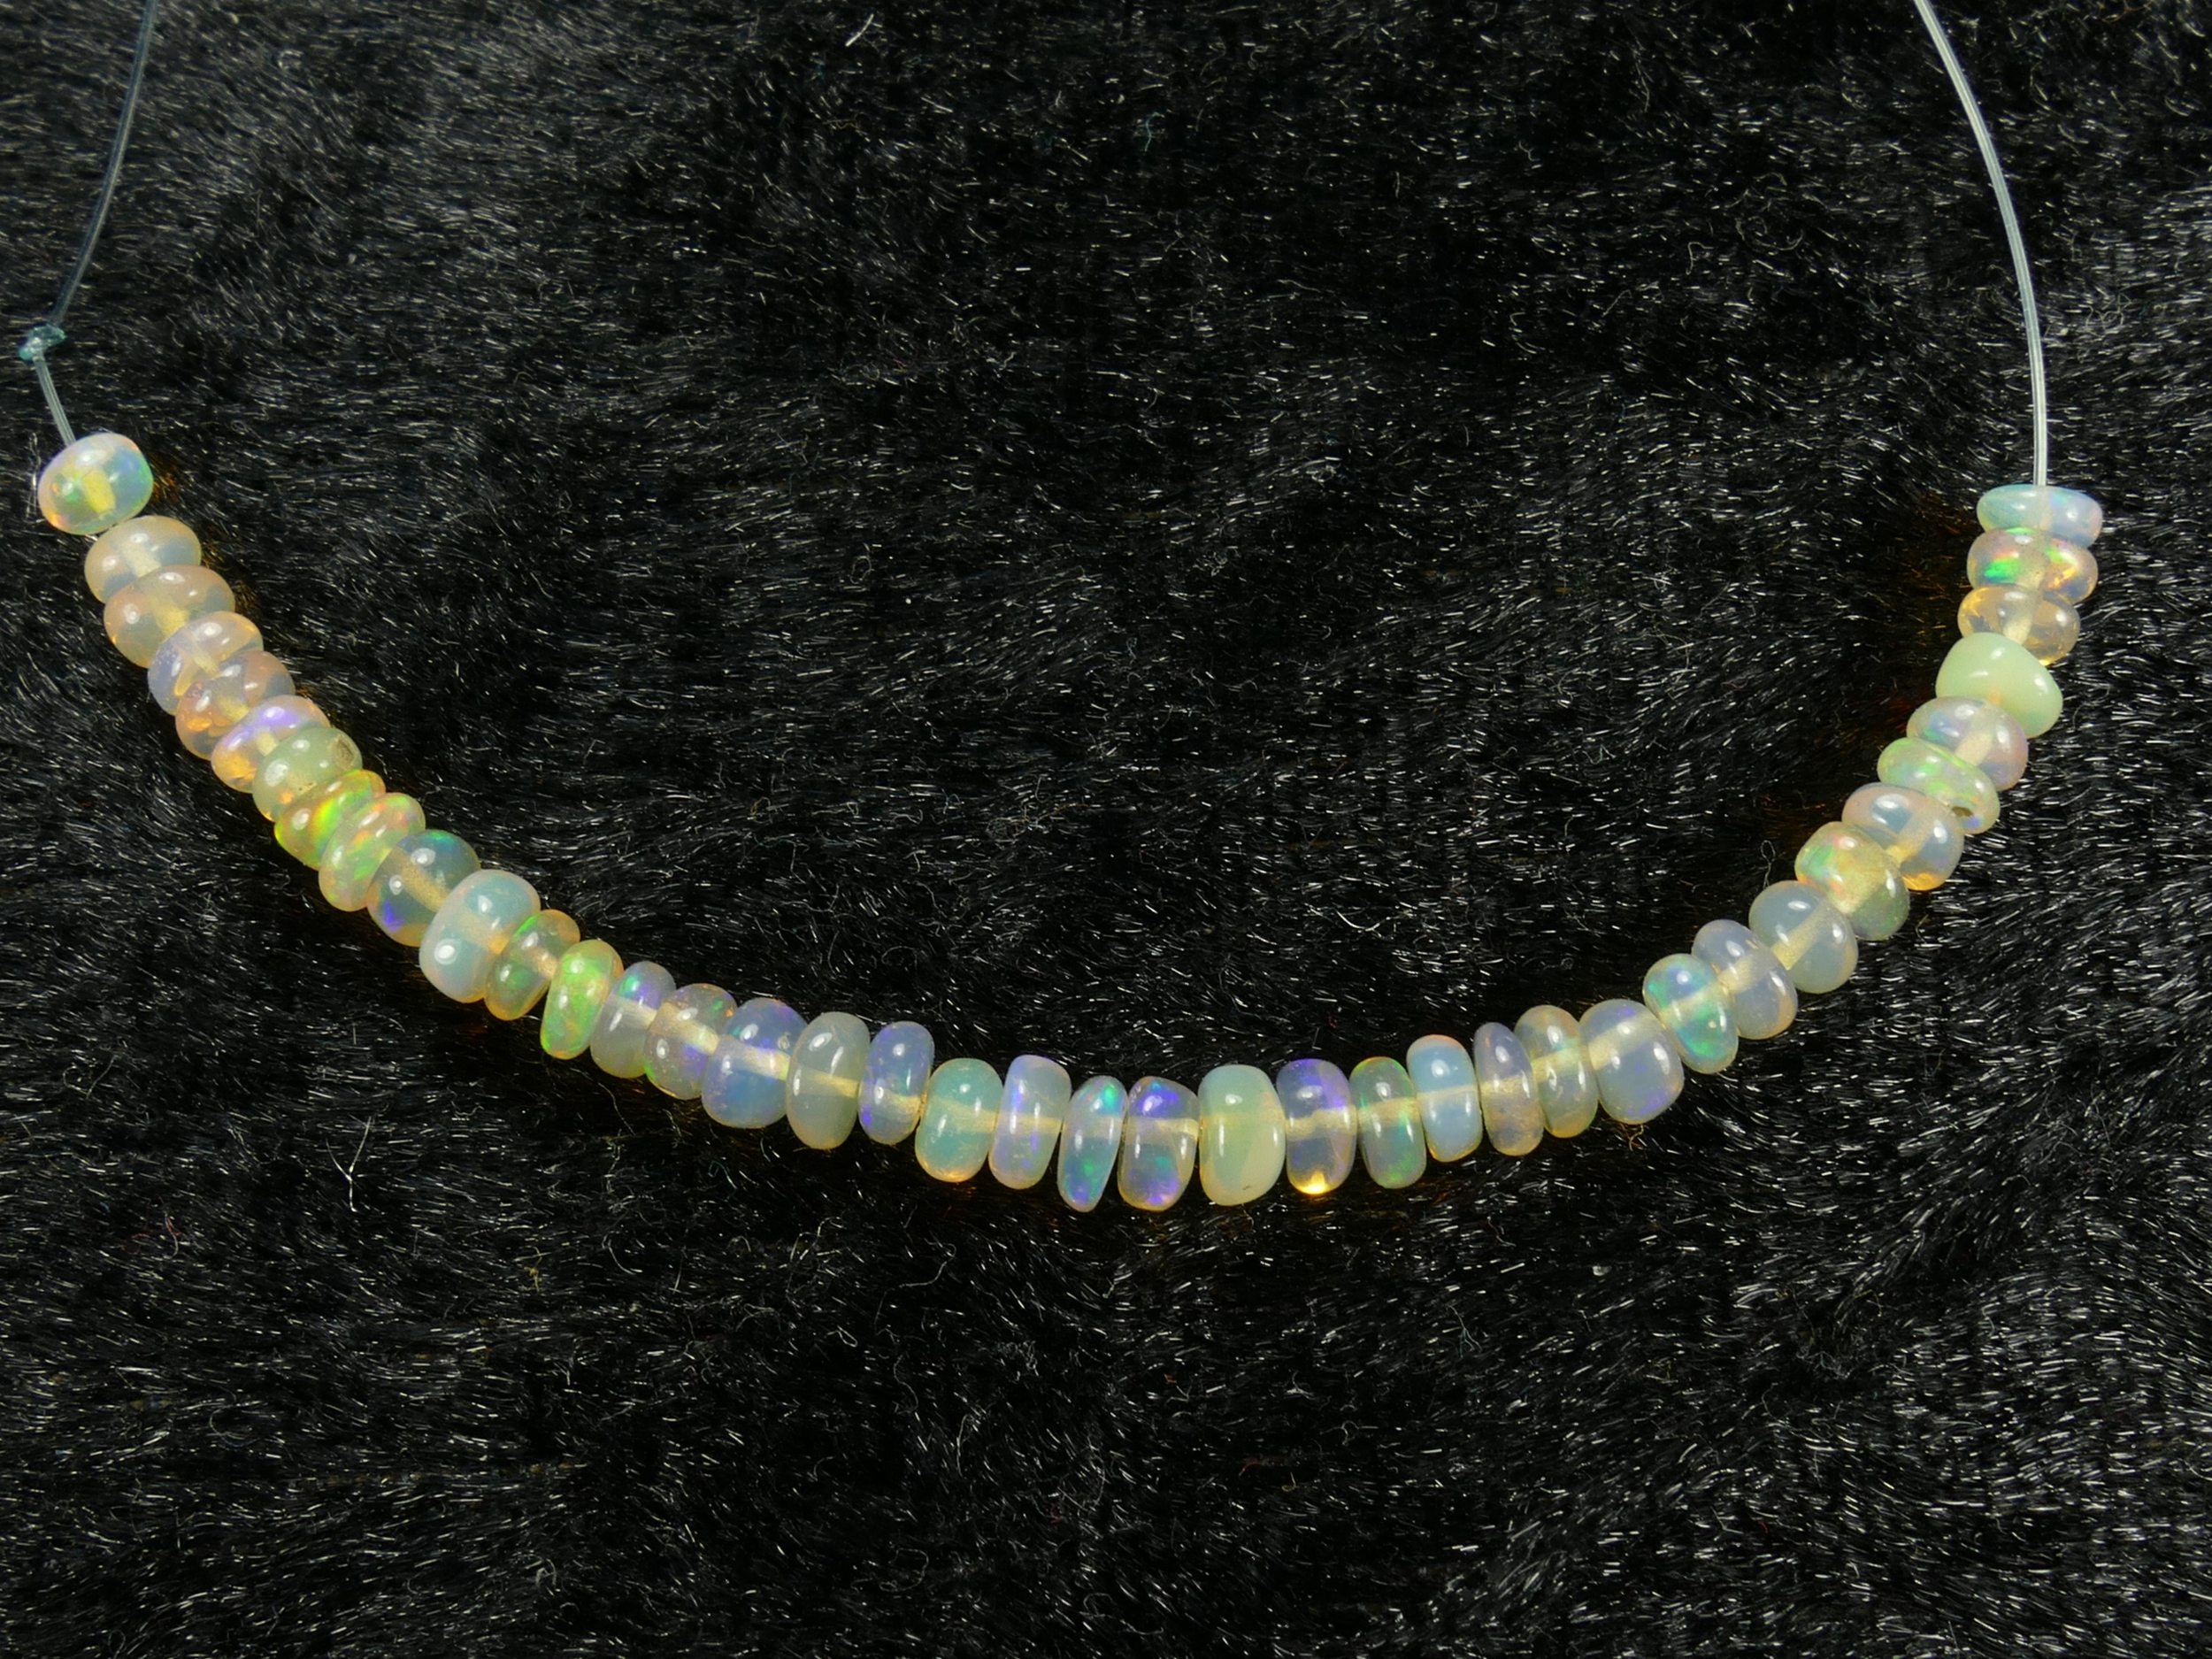 3.4/3.8mm Perle d\'opale noble naturelle d\'Ethiopie rondelle lisse 7cm (2.75in) (#PK731)